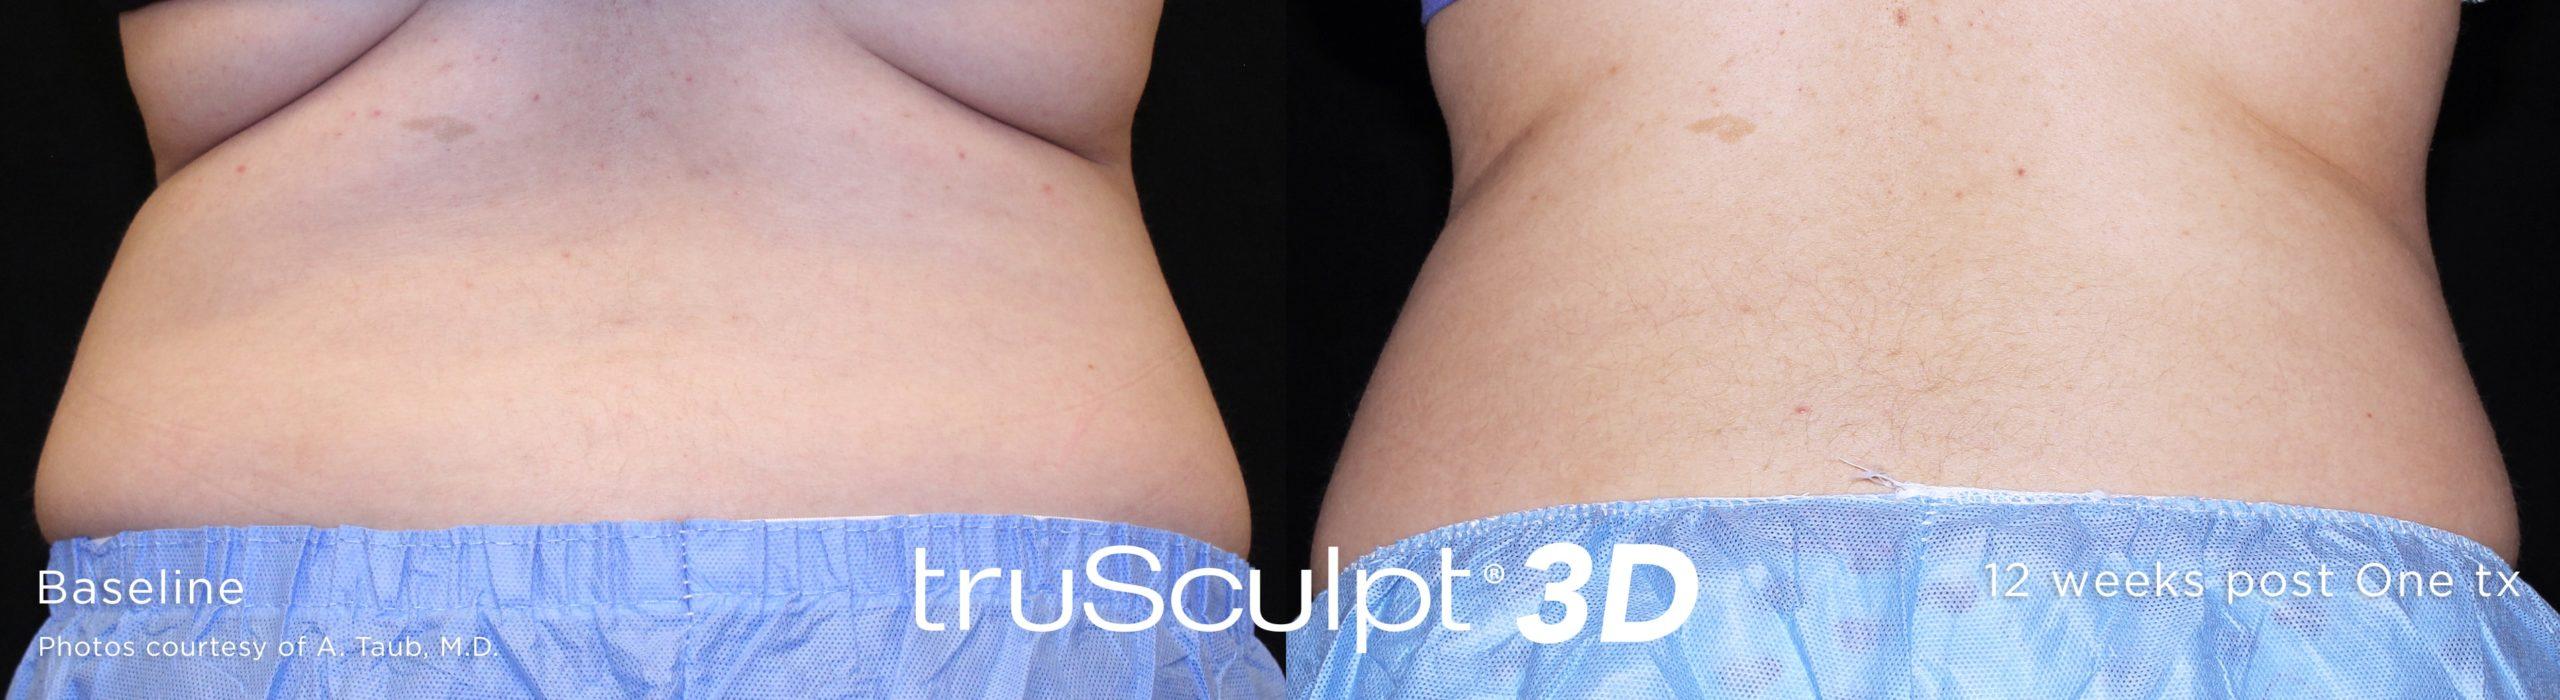 trusculpt_3d_14-1